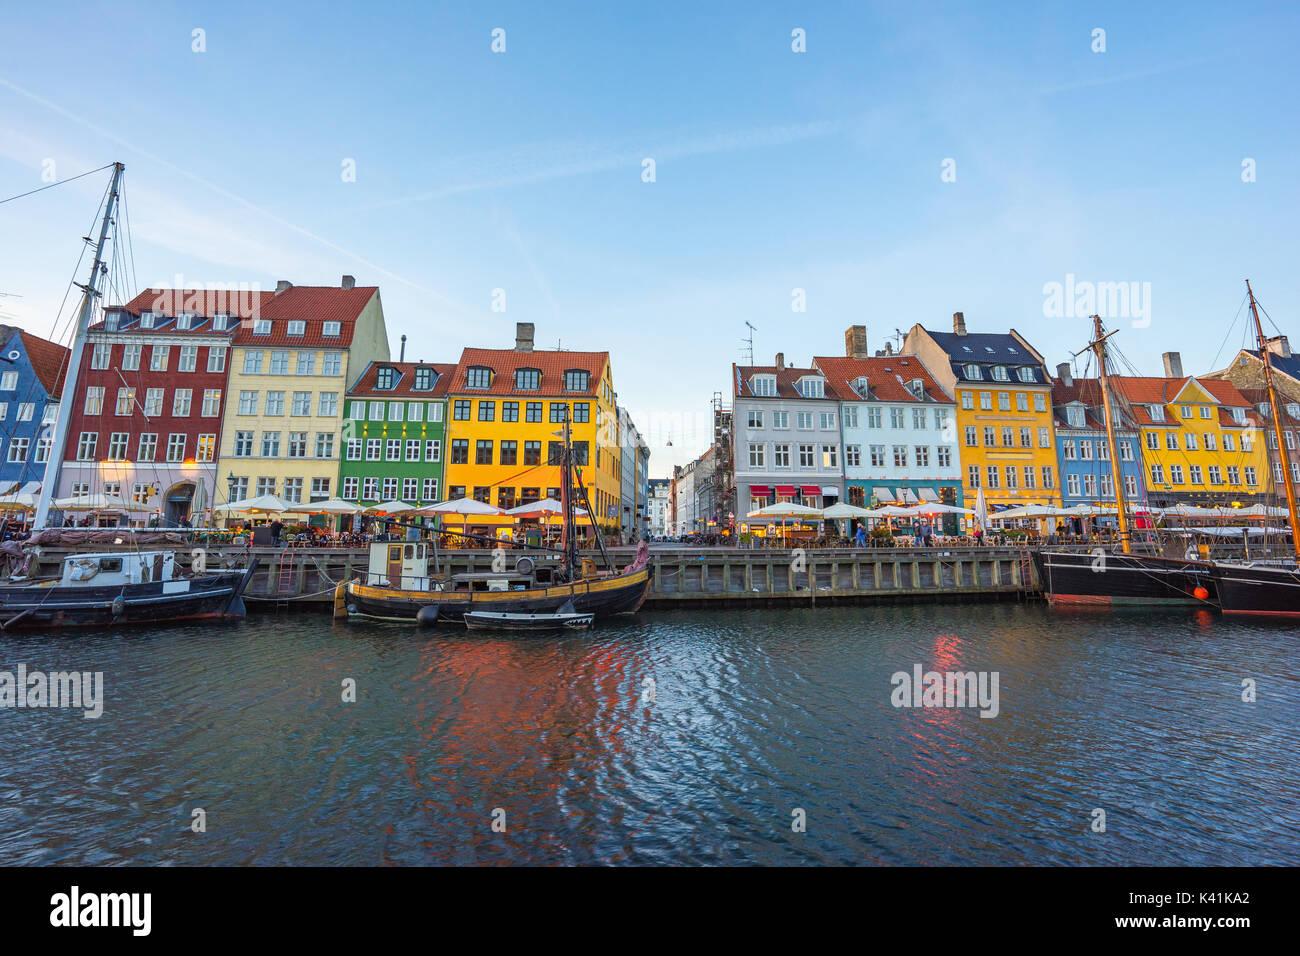 L'ancienne maison de Nyhavn à Copenhague, Danemark. Photo Stock